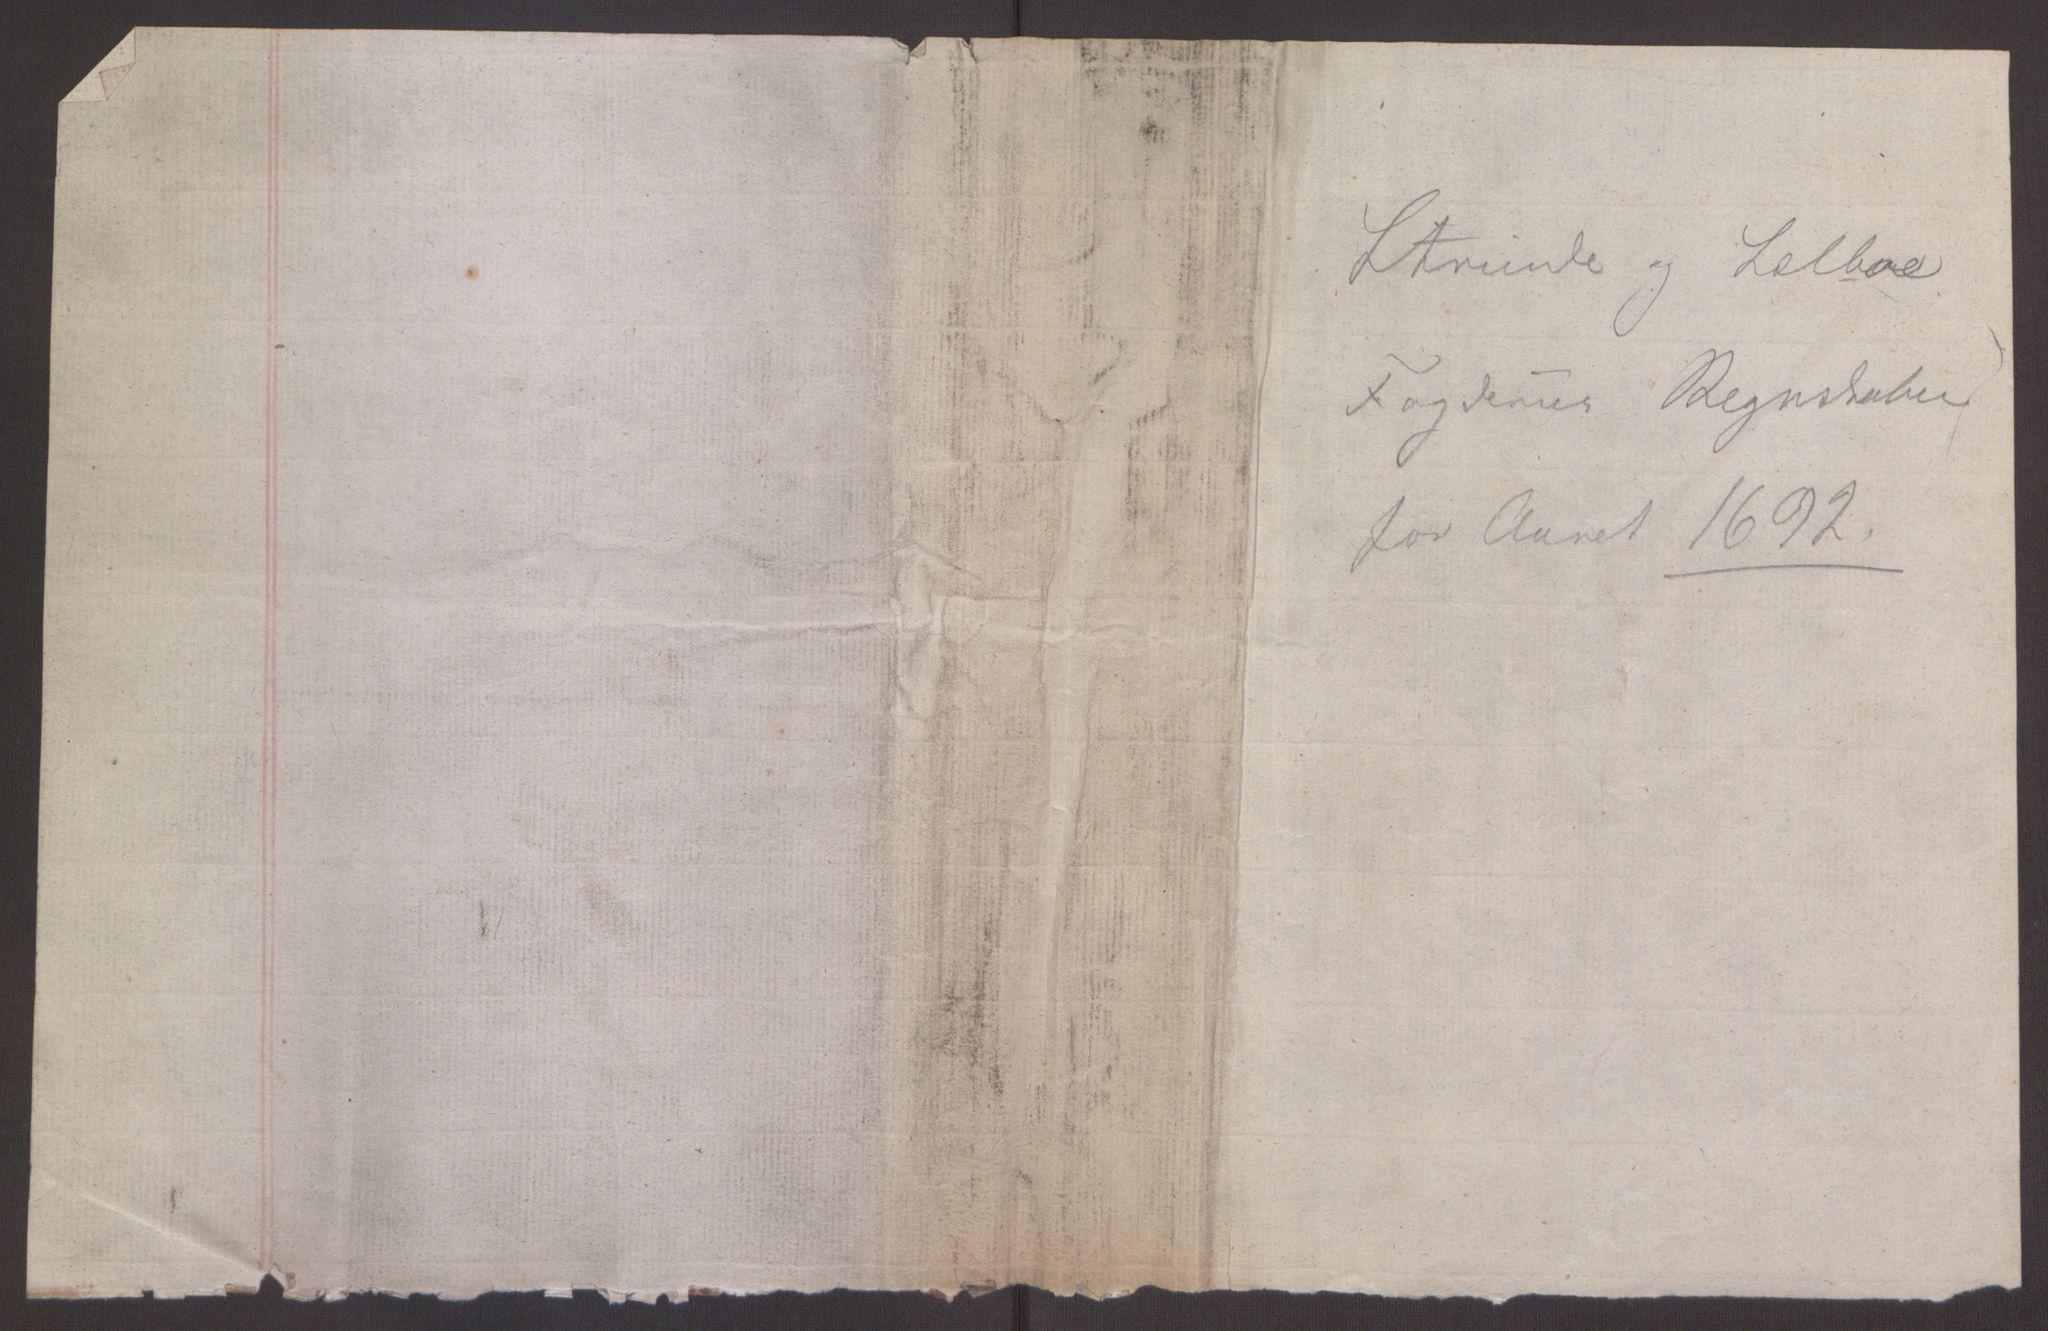 RA, Rentekammeret inntil 1814, Reviderte regnskaper, Fogderegnskap, R61/L4103: Fogderegnskap Strinda og Selbu, 1691-1692, s. 388